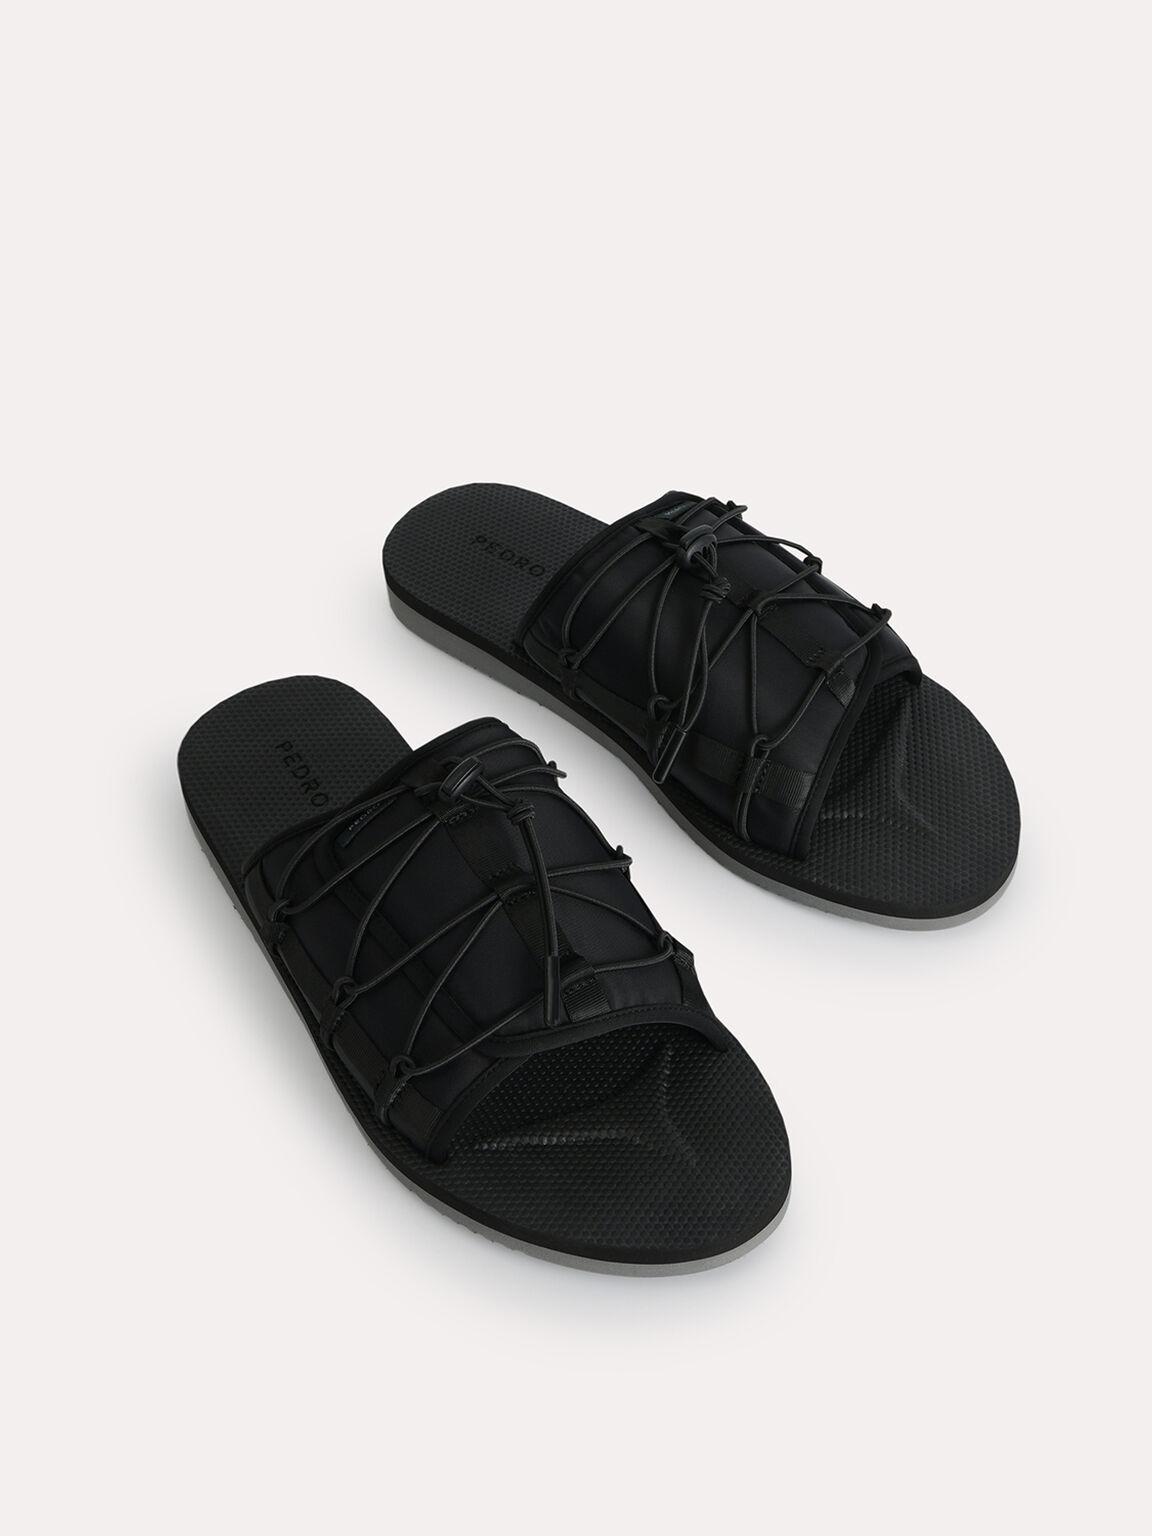 Nylon Slip-On Sandals, Black, hi-res